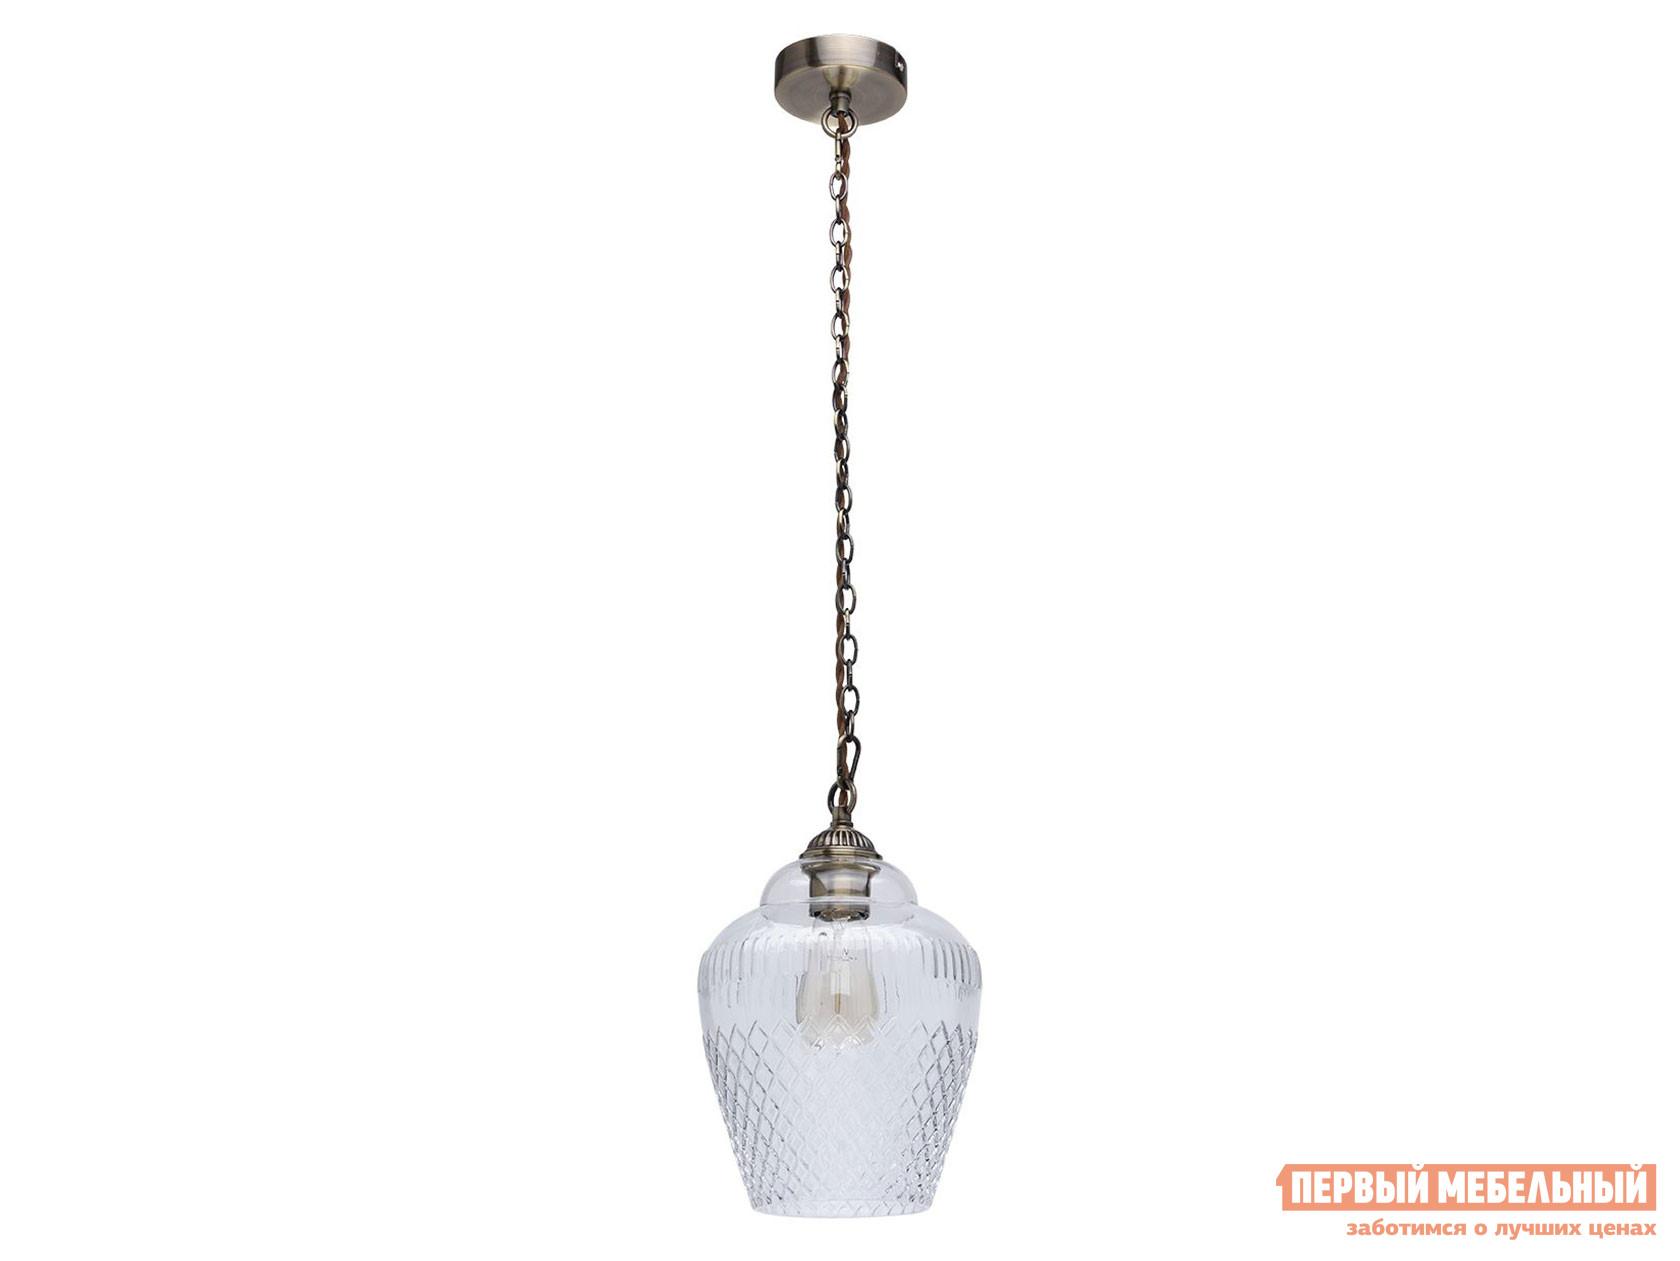 Подвесной светильник Штерн 481012001 Аманда недорого